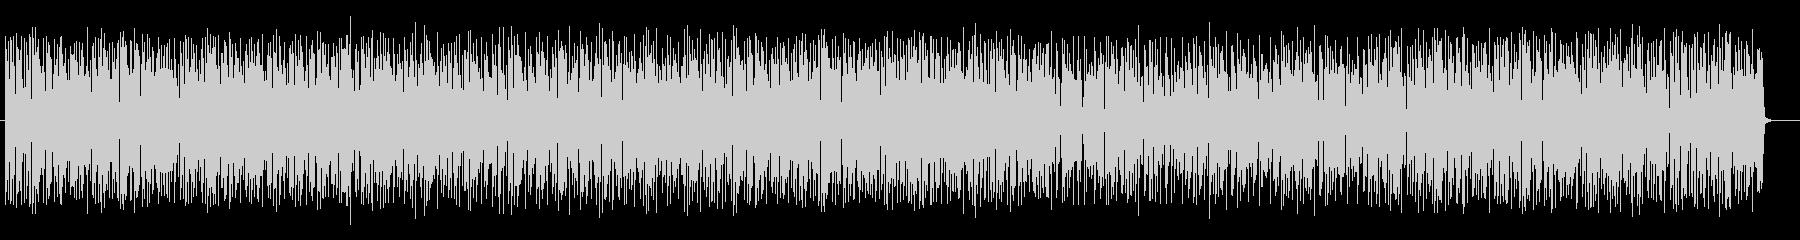 和風で楽しげな管楽器シンセサウンドの未再生の波形